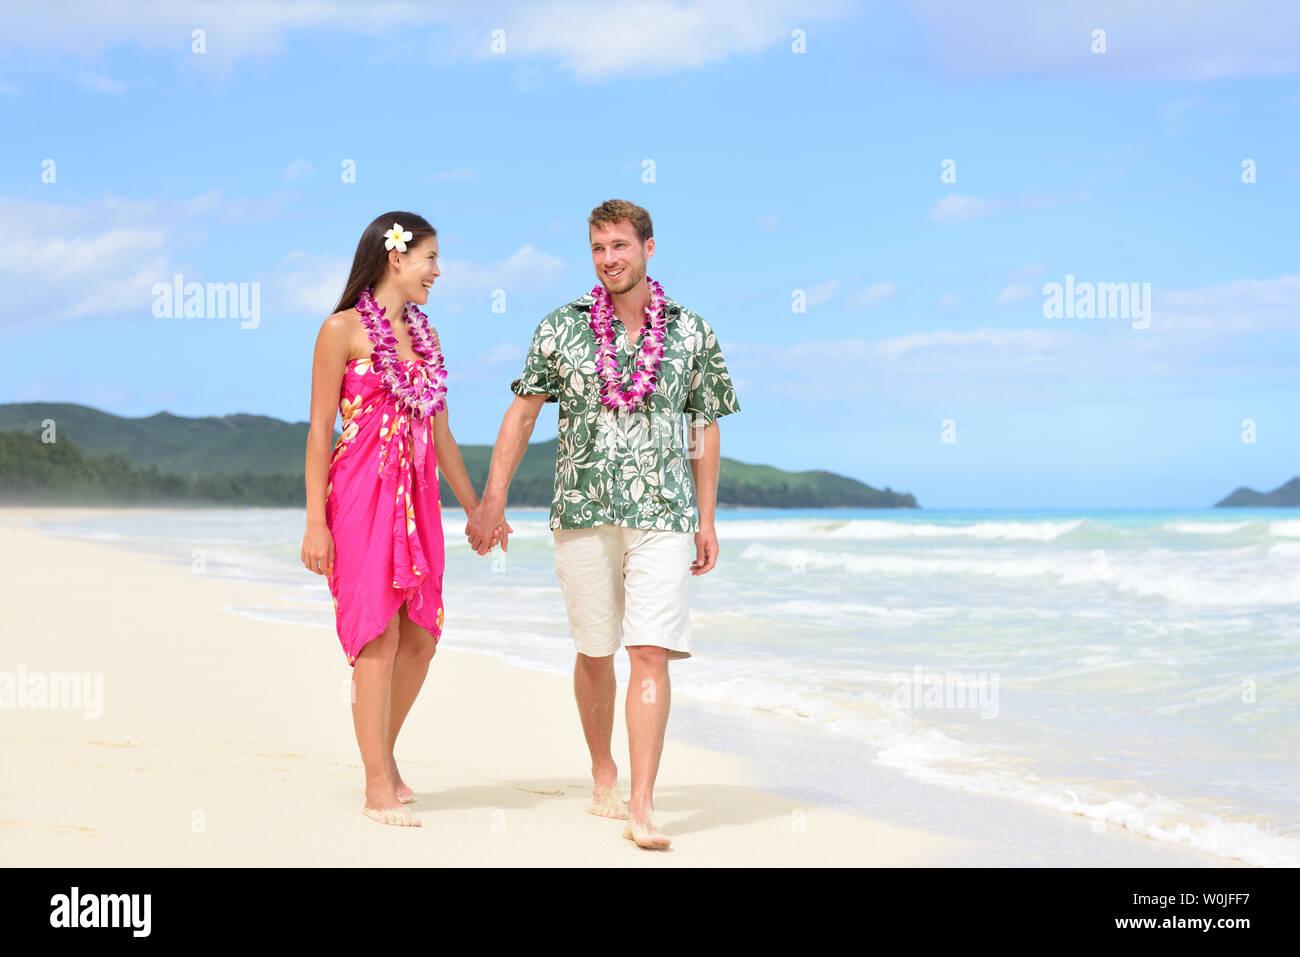 Hawaiian Shirt Stock Photos & Hawaiian Shirt Stock Images